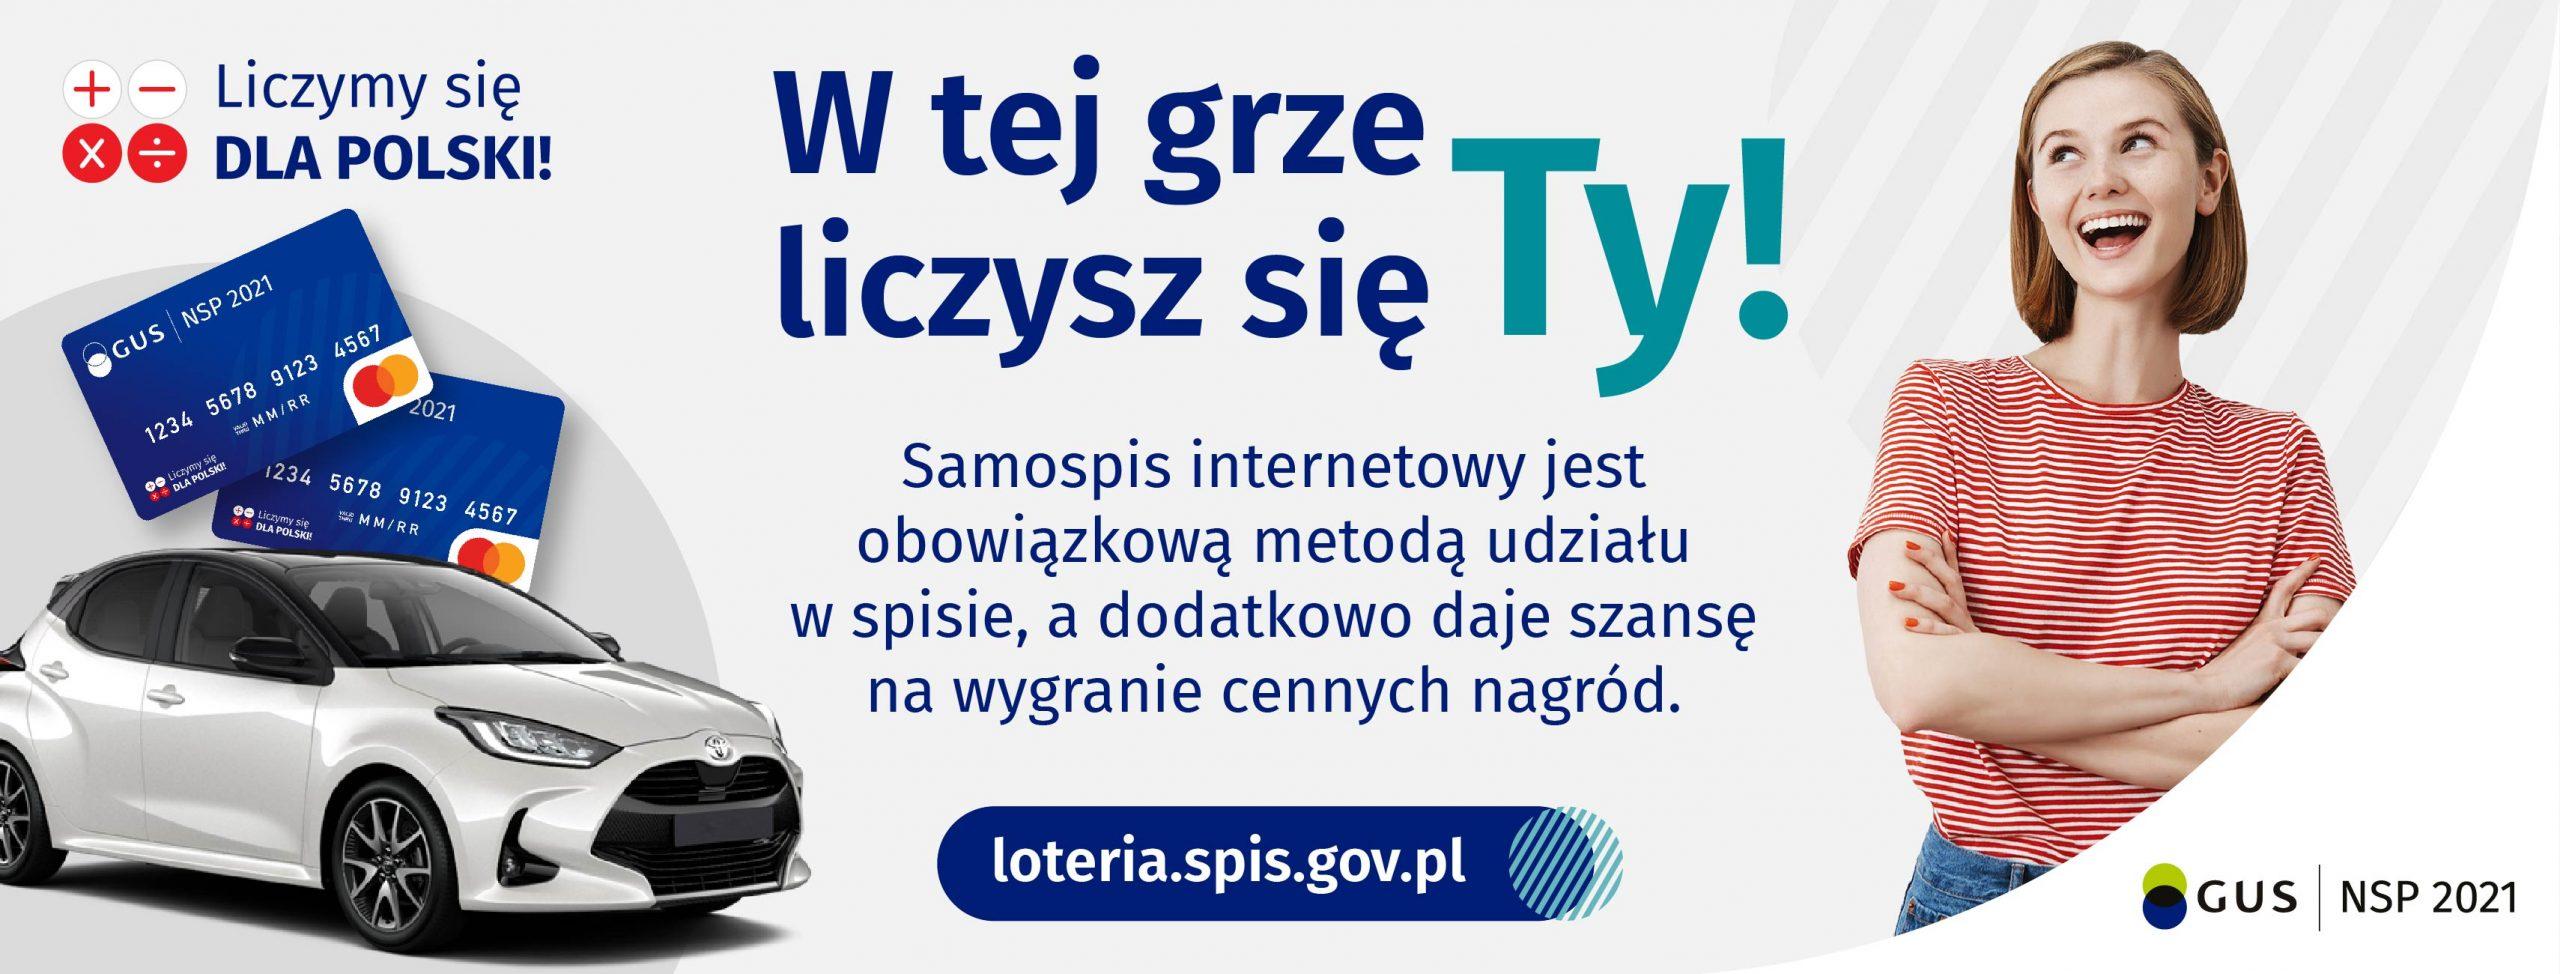 Trwa Narodowy Spis Powszechny Ludności iMie...